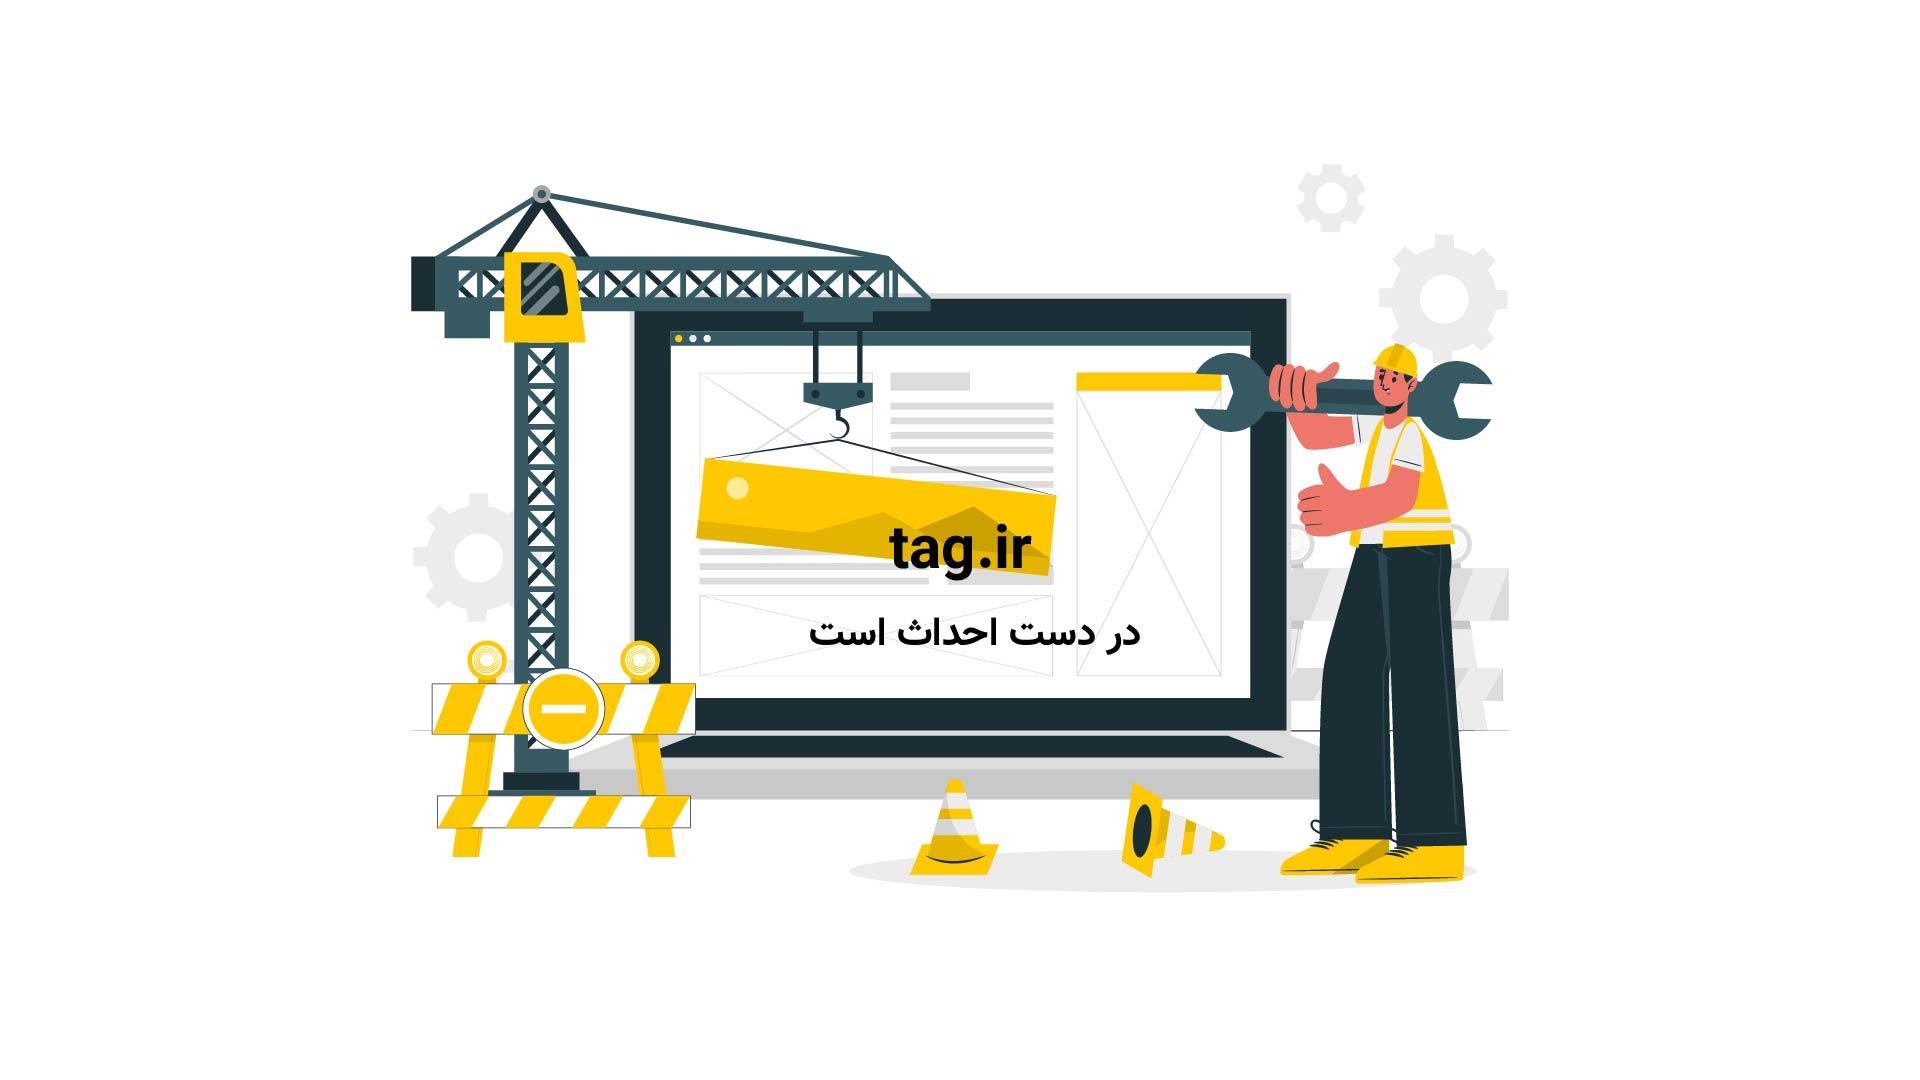 آموزش درست کردن صابون طرح کیوی در منزل | فیلم